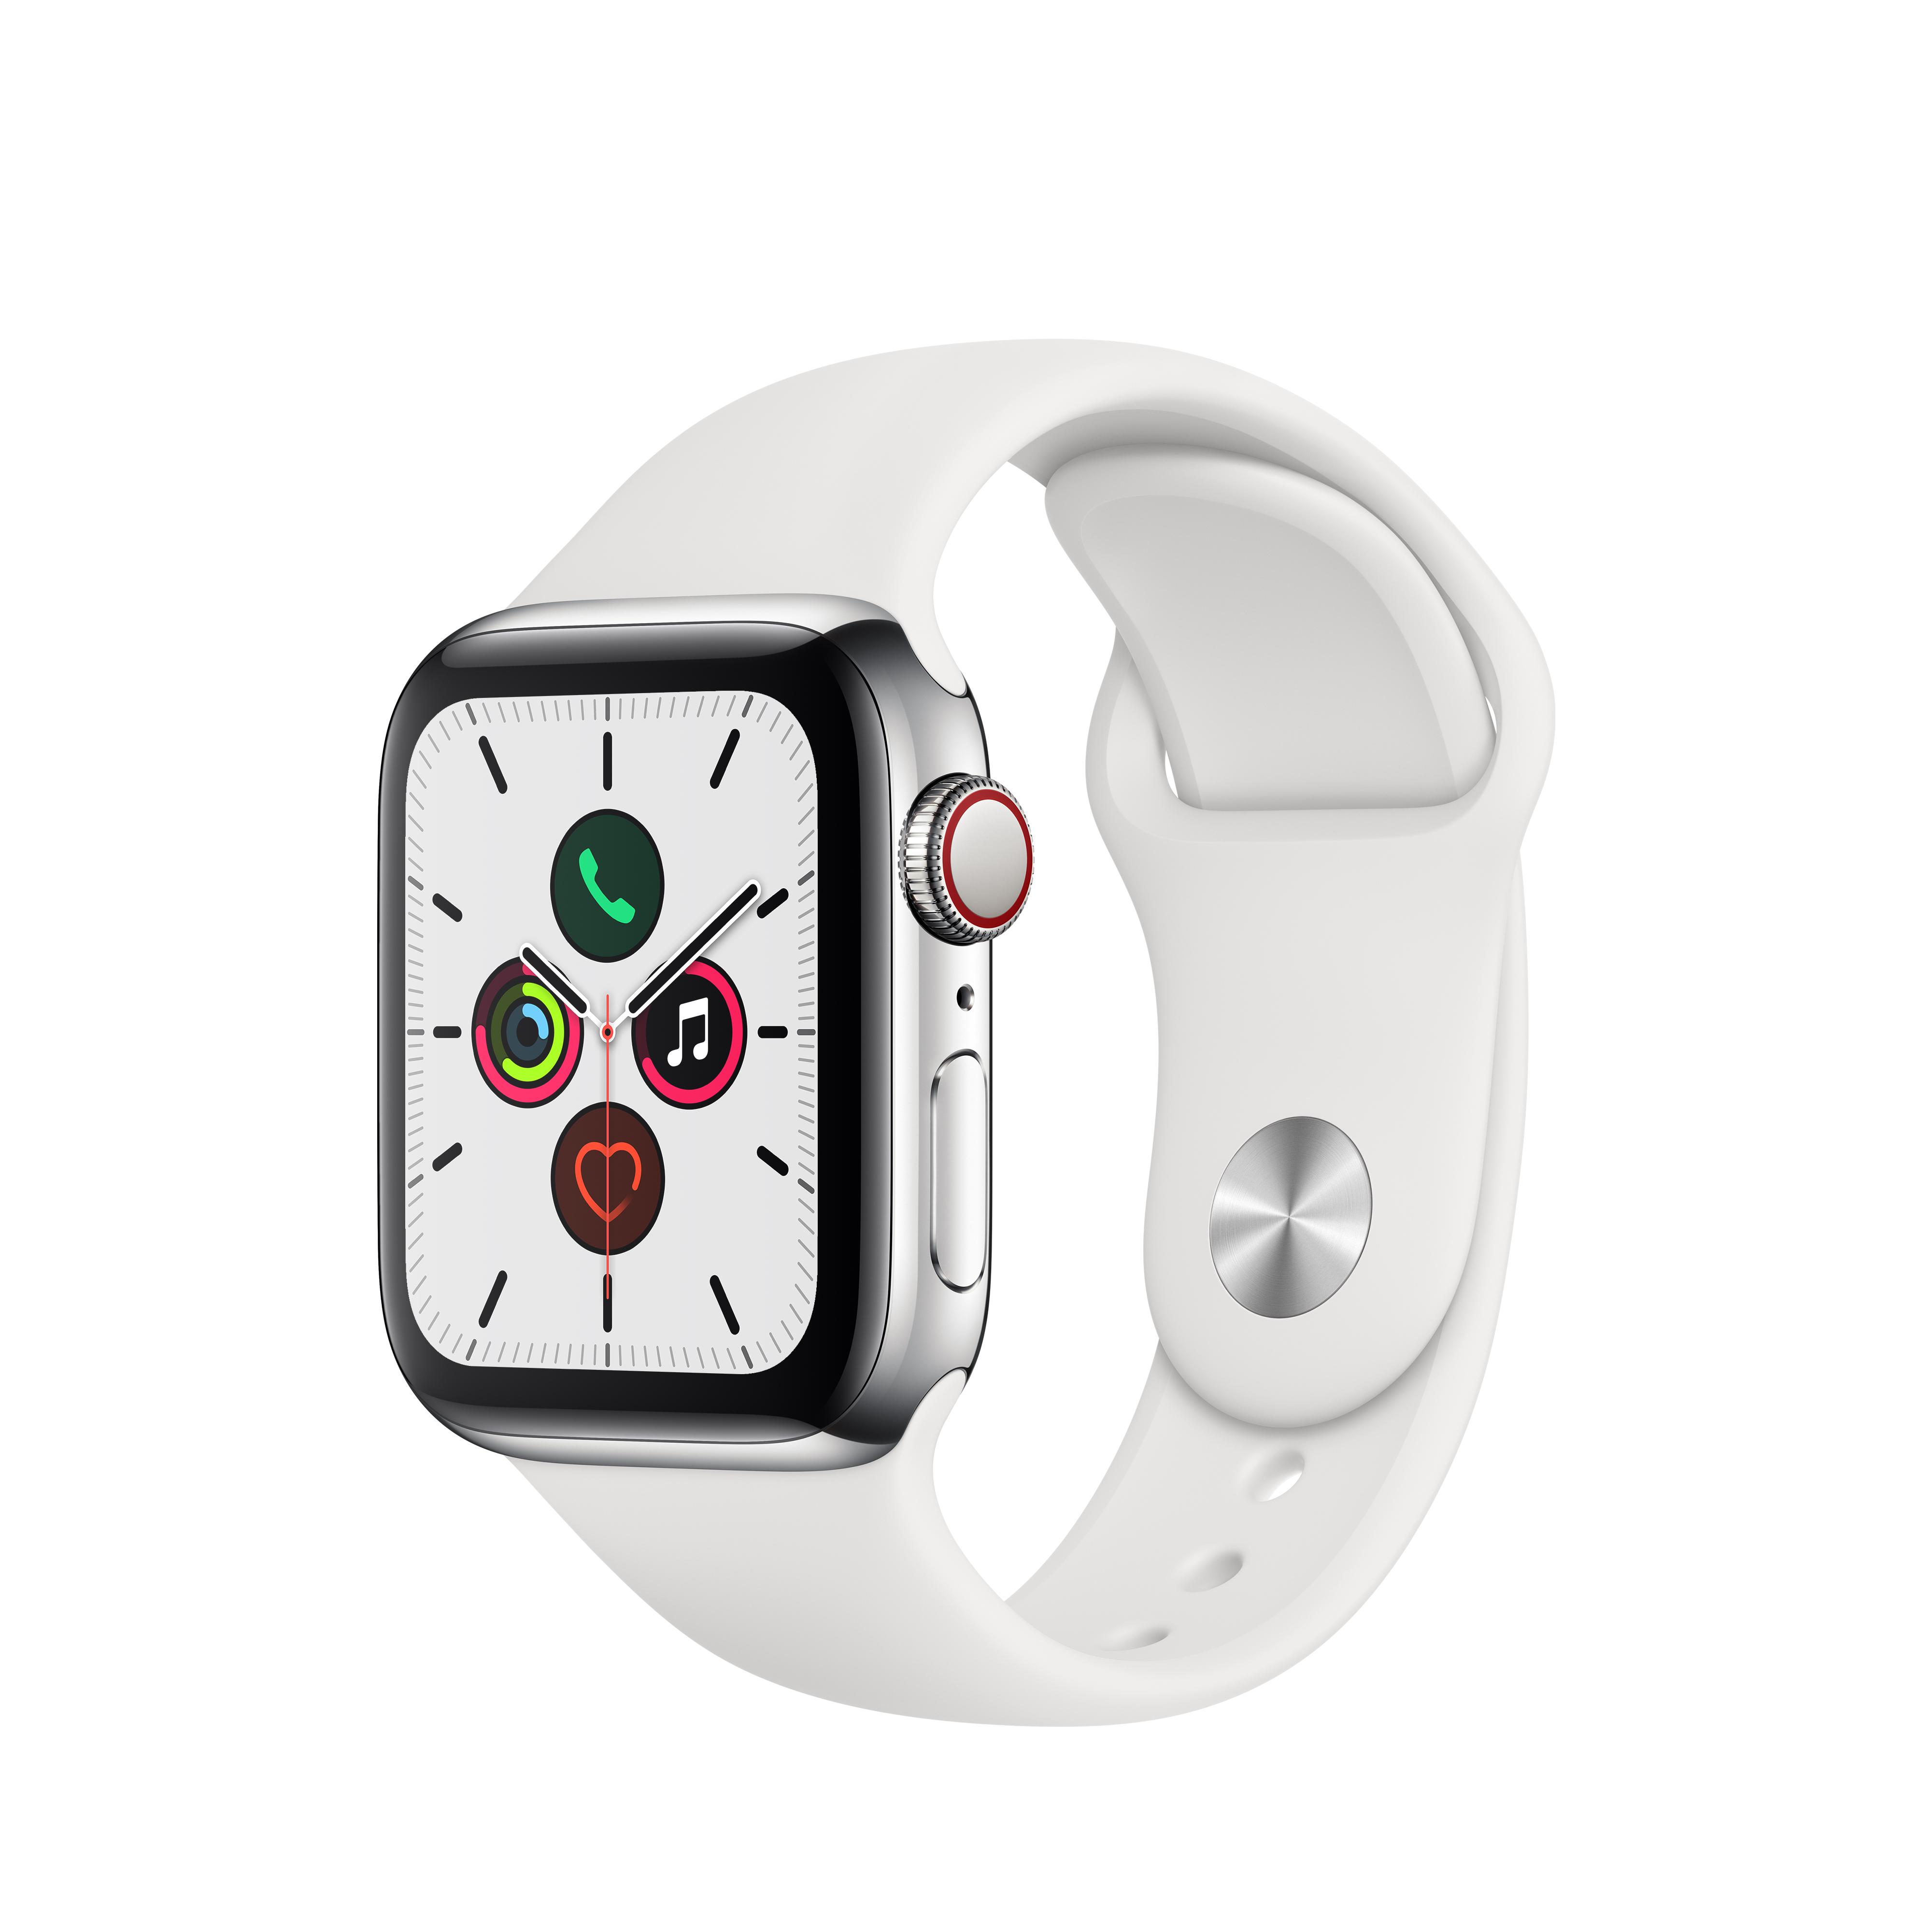 Apple 애플워치5 GPS + 셀룰러 40mm 스포츠밴드 + 스테인리스스틸 케이스, 스테인리스 스틸(MWX42KH/A), 화이트(밴드)